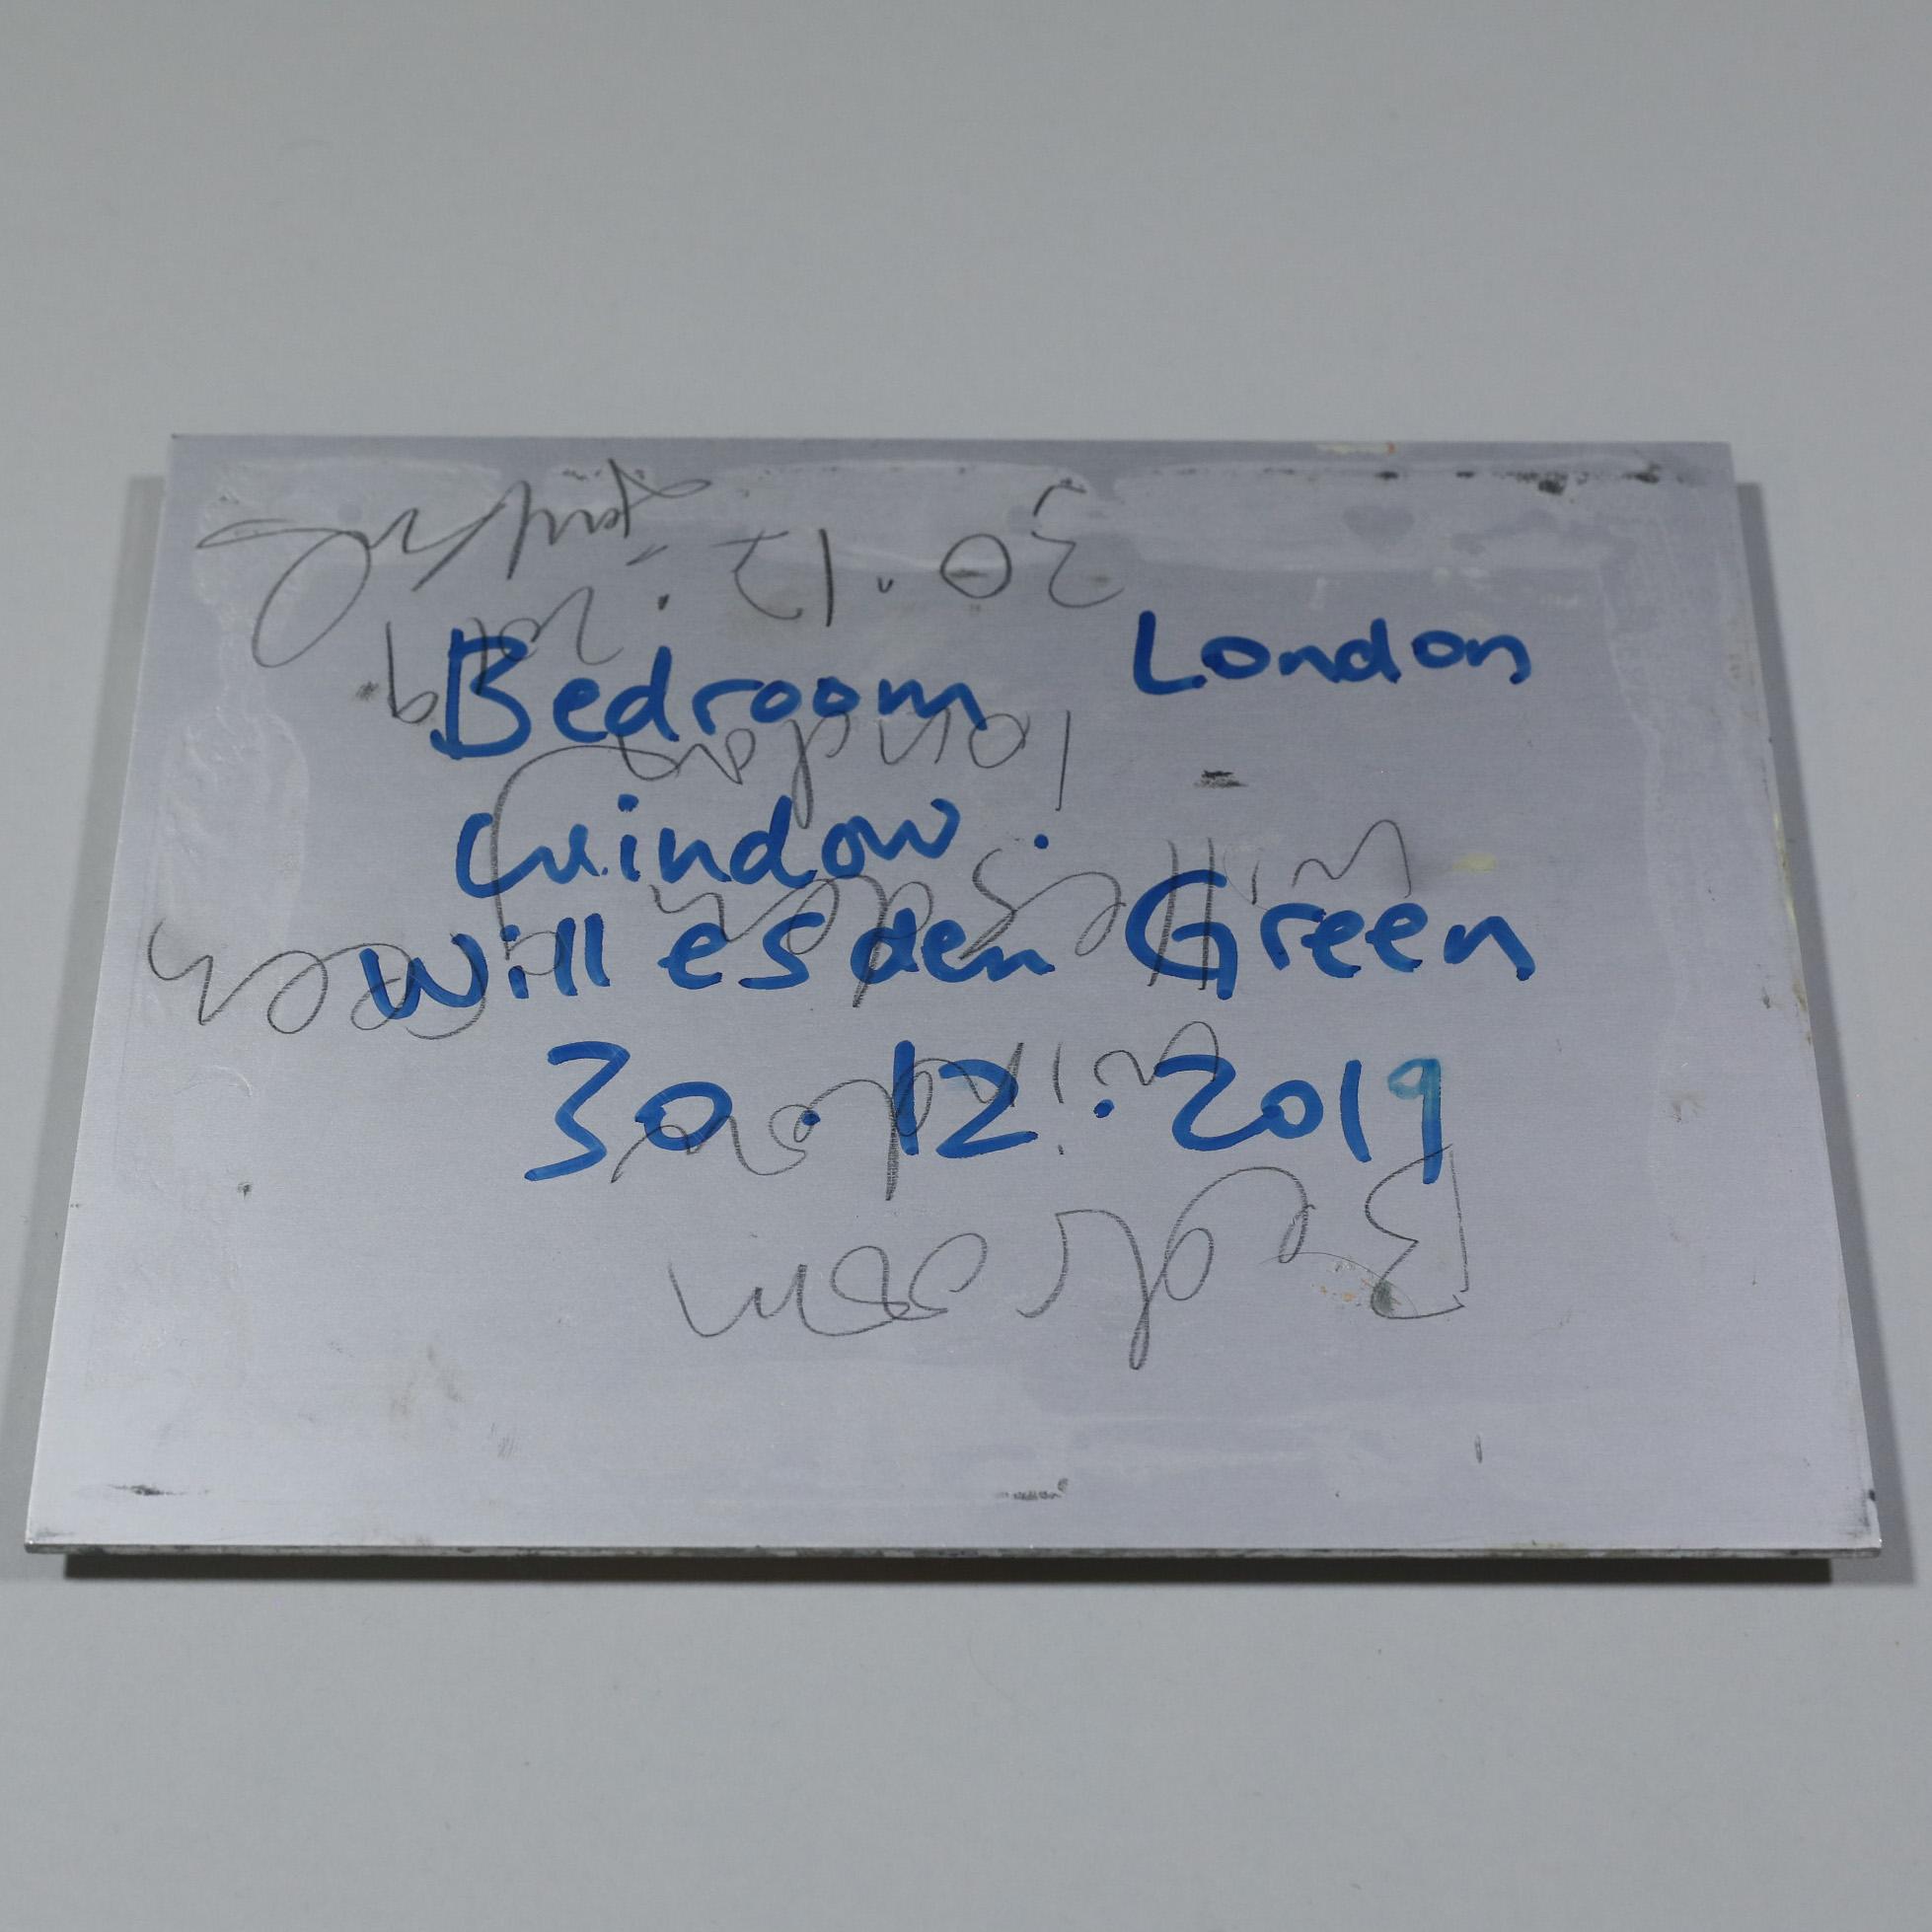 33DE11F3 5A26 4318 AF6F 696261E98E3E - Bedroom Window, London, Willesden Green, 30/12/2019 by Jackie Clark